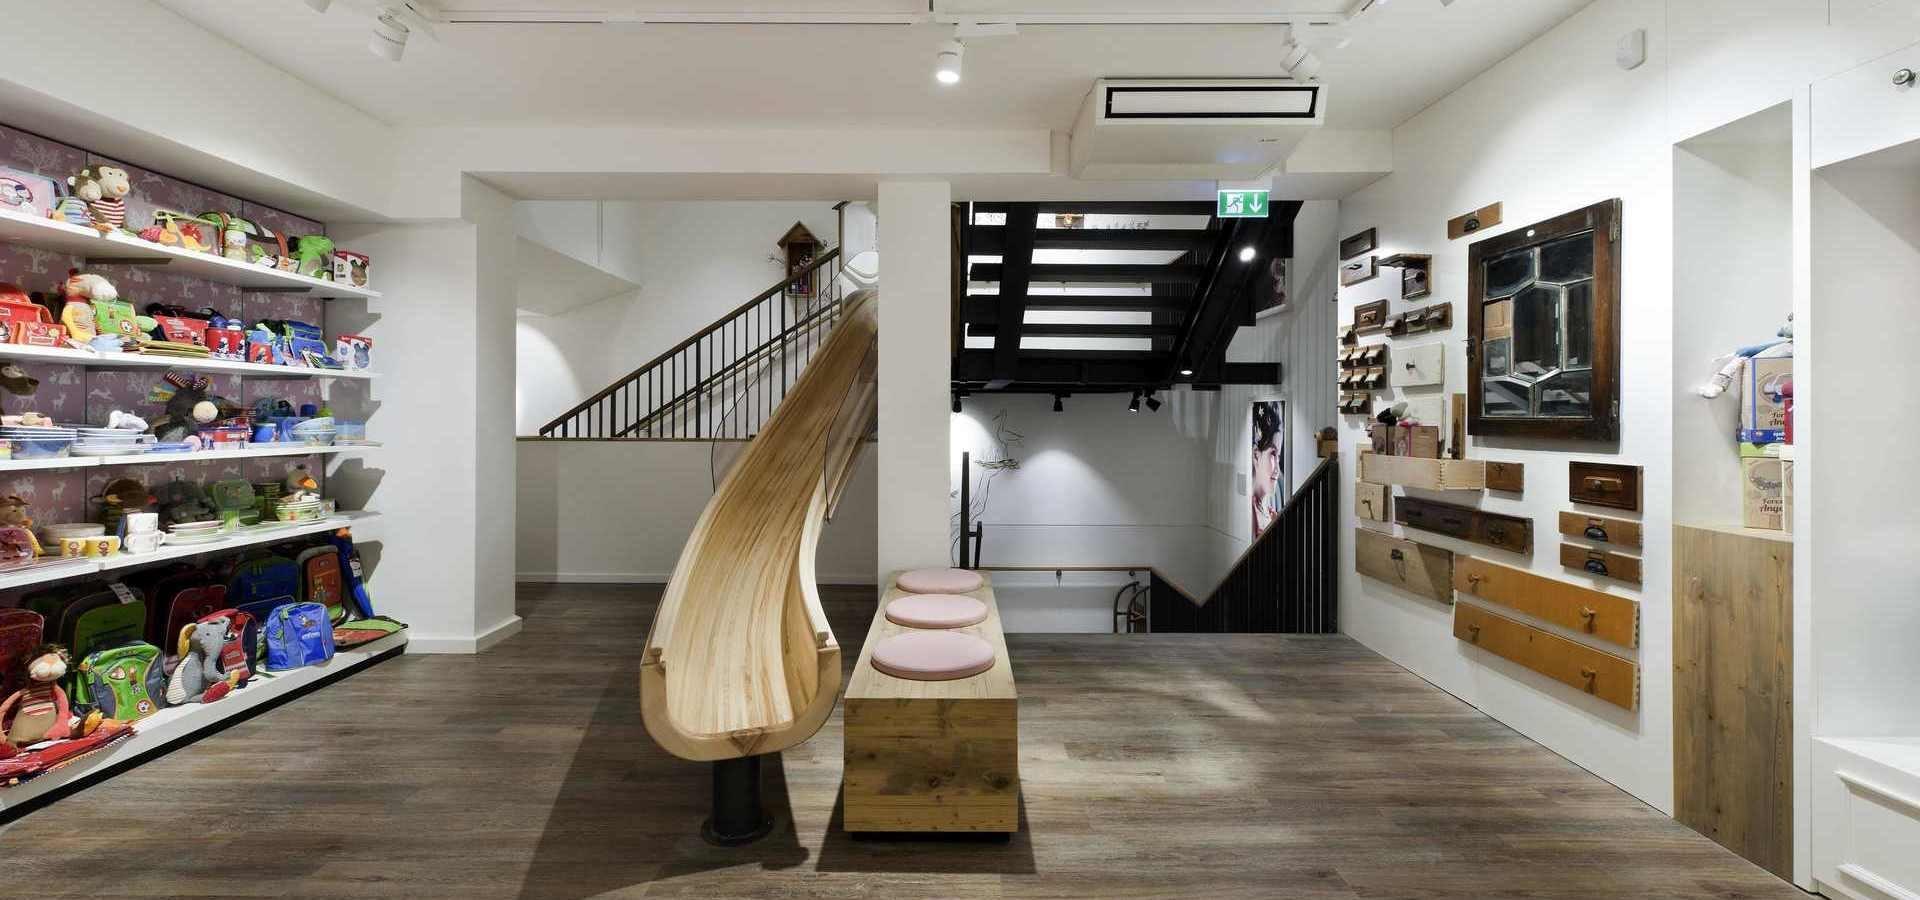 Podłoga w obiektach handlowych - liczy się design, trwałość, szybki montaż